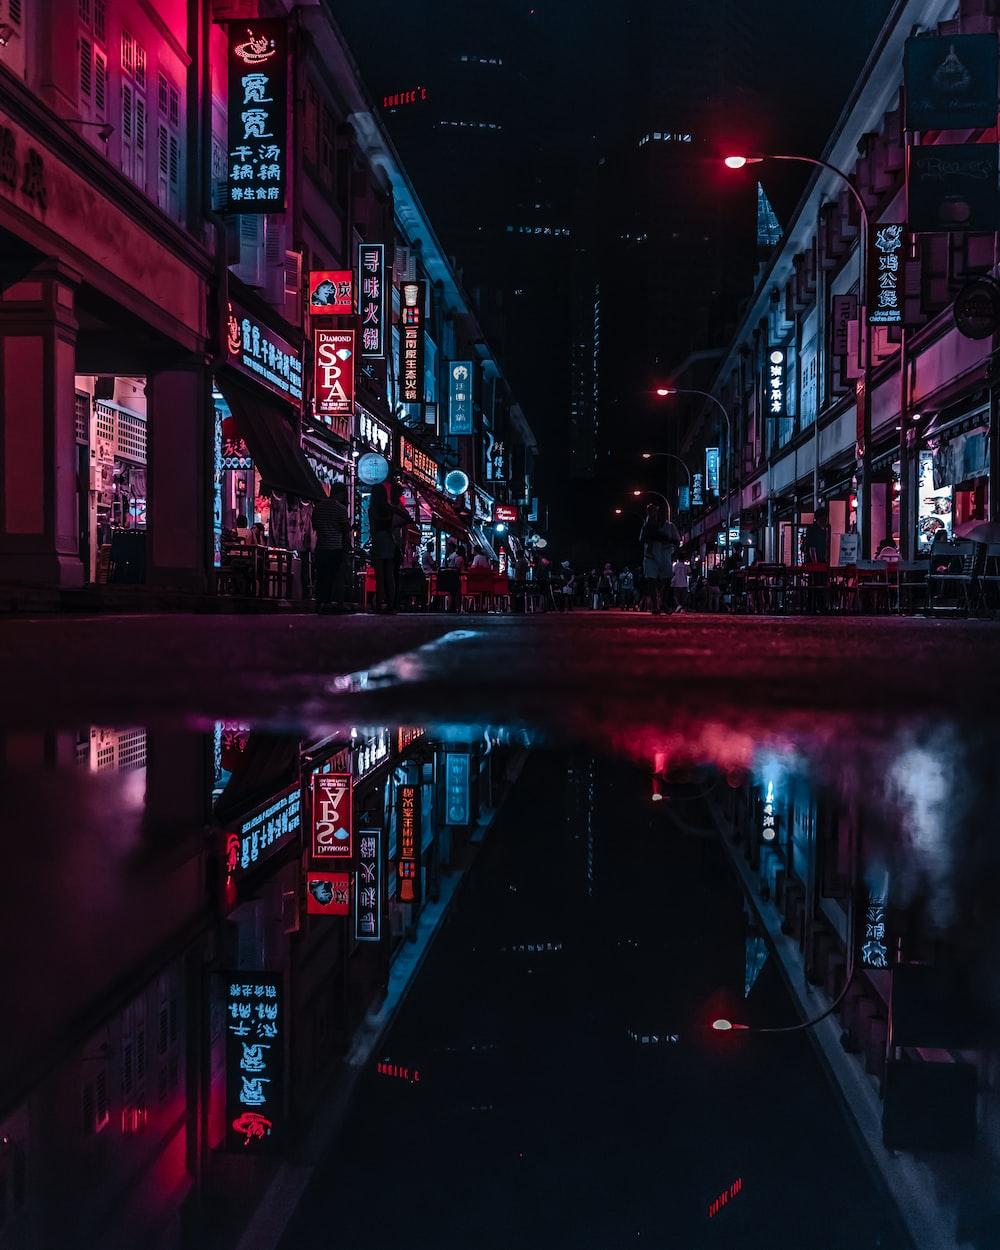 wet street in between building at night